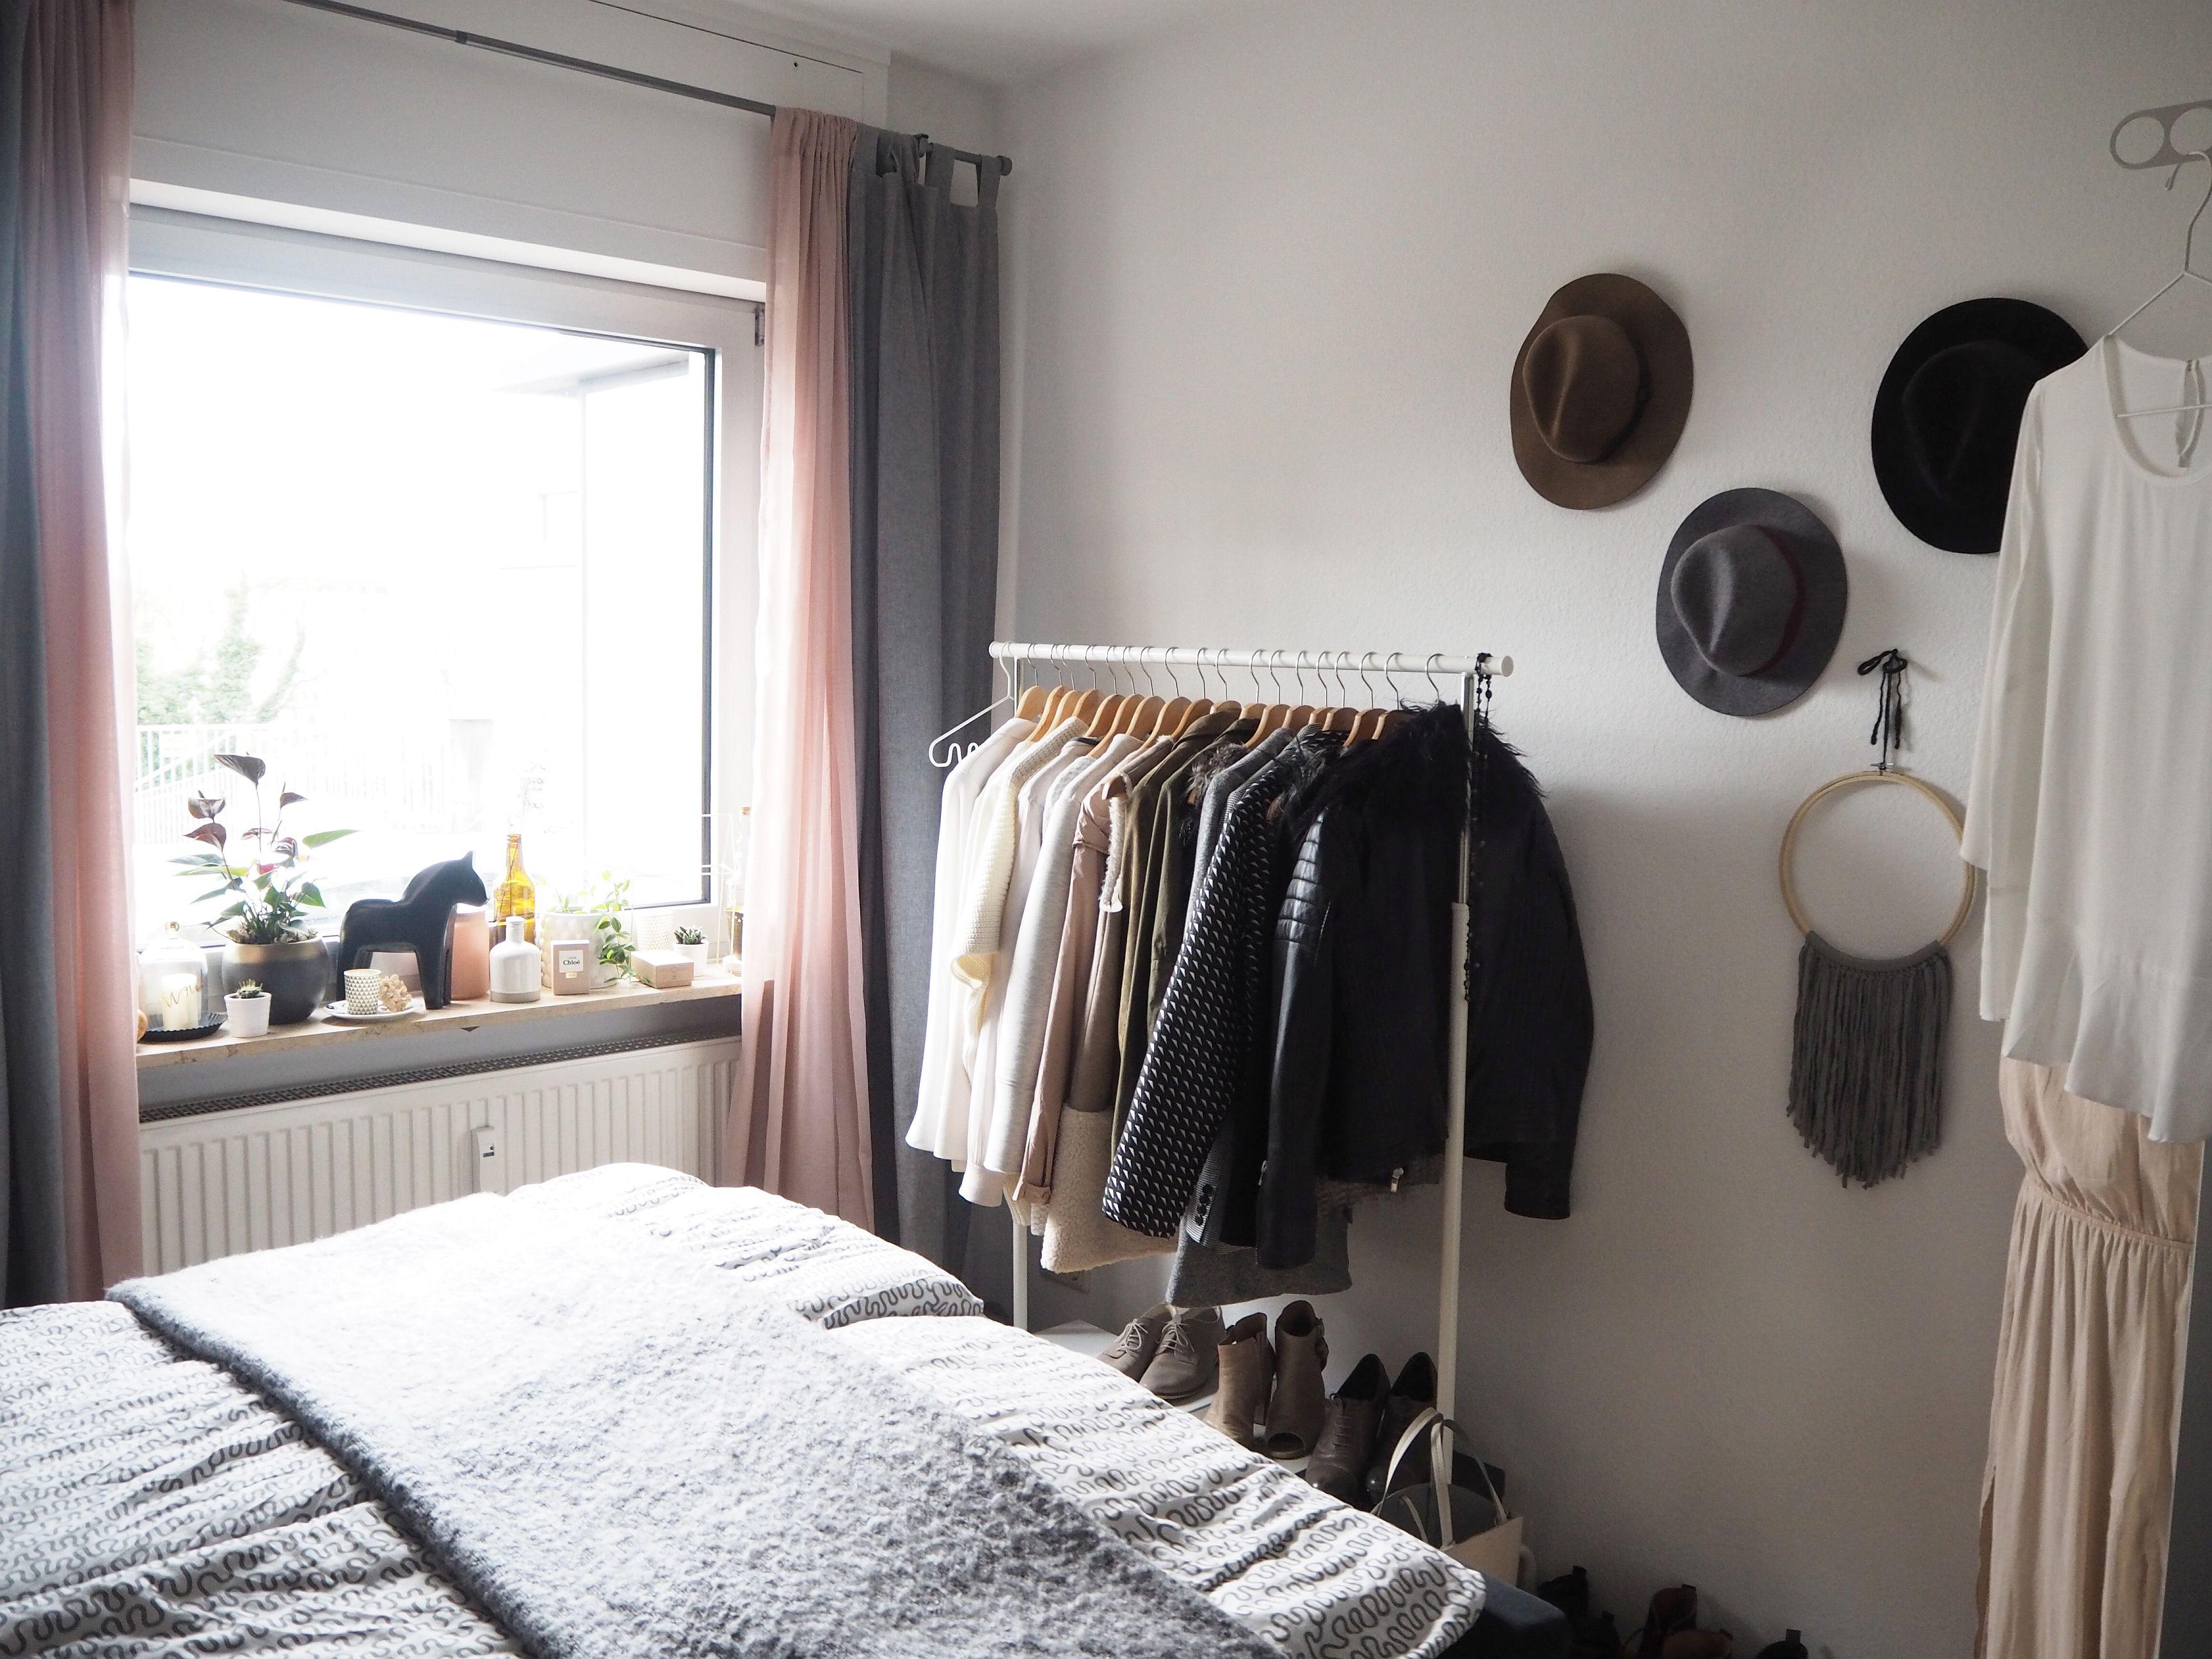 2018-04-skoen-och-kreativ-interior-farben-fuers-schlafzimmer-zartes-rose-und-gelb (5)